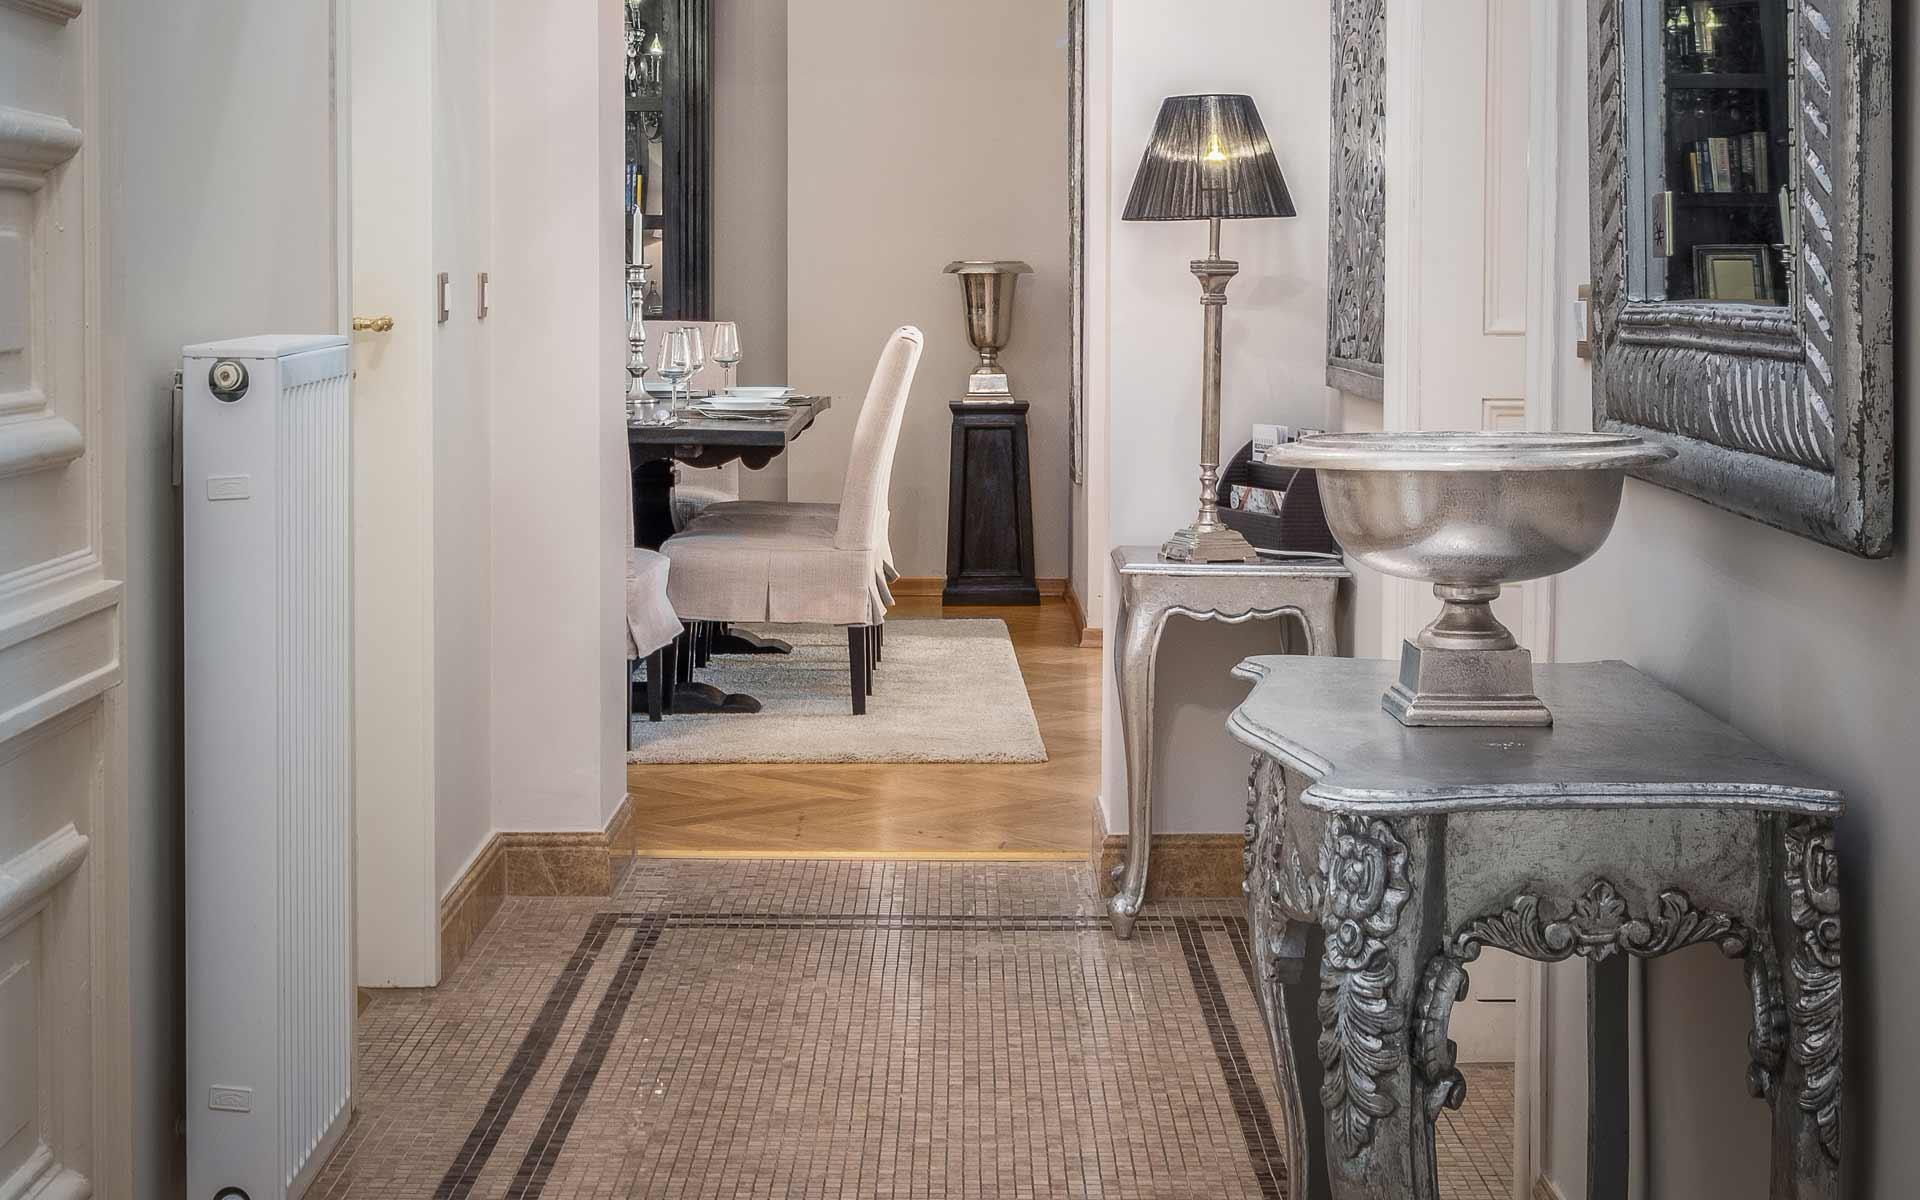 Winterfeld - Lovely luxury house in Berlin